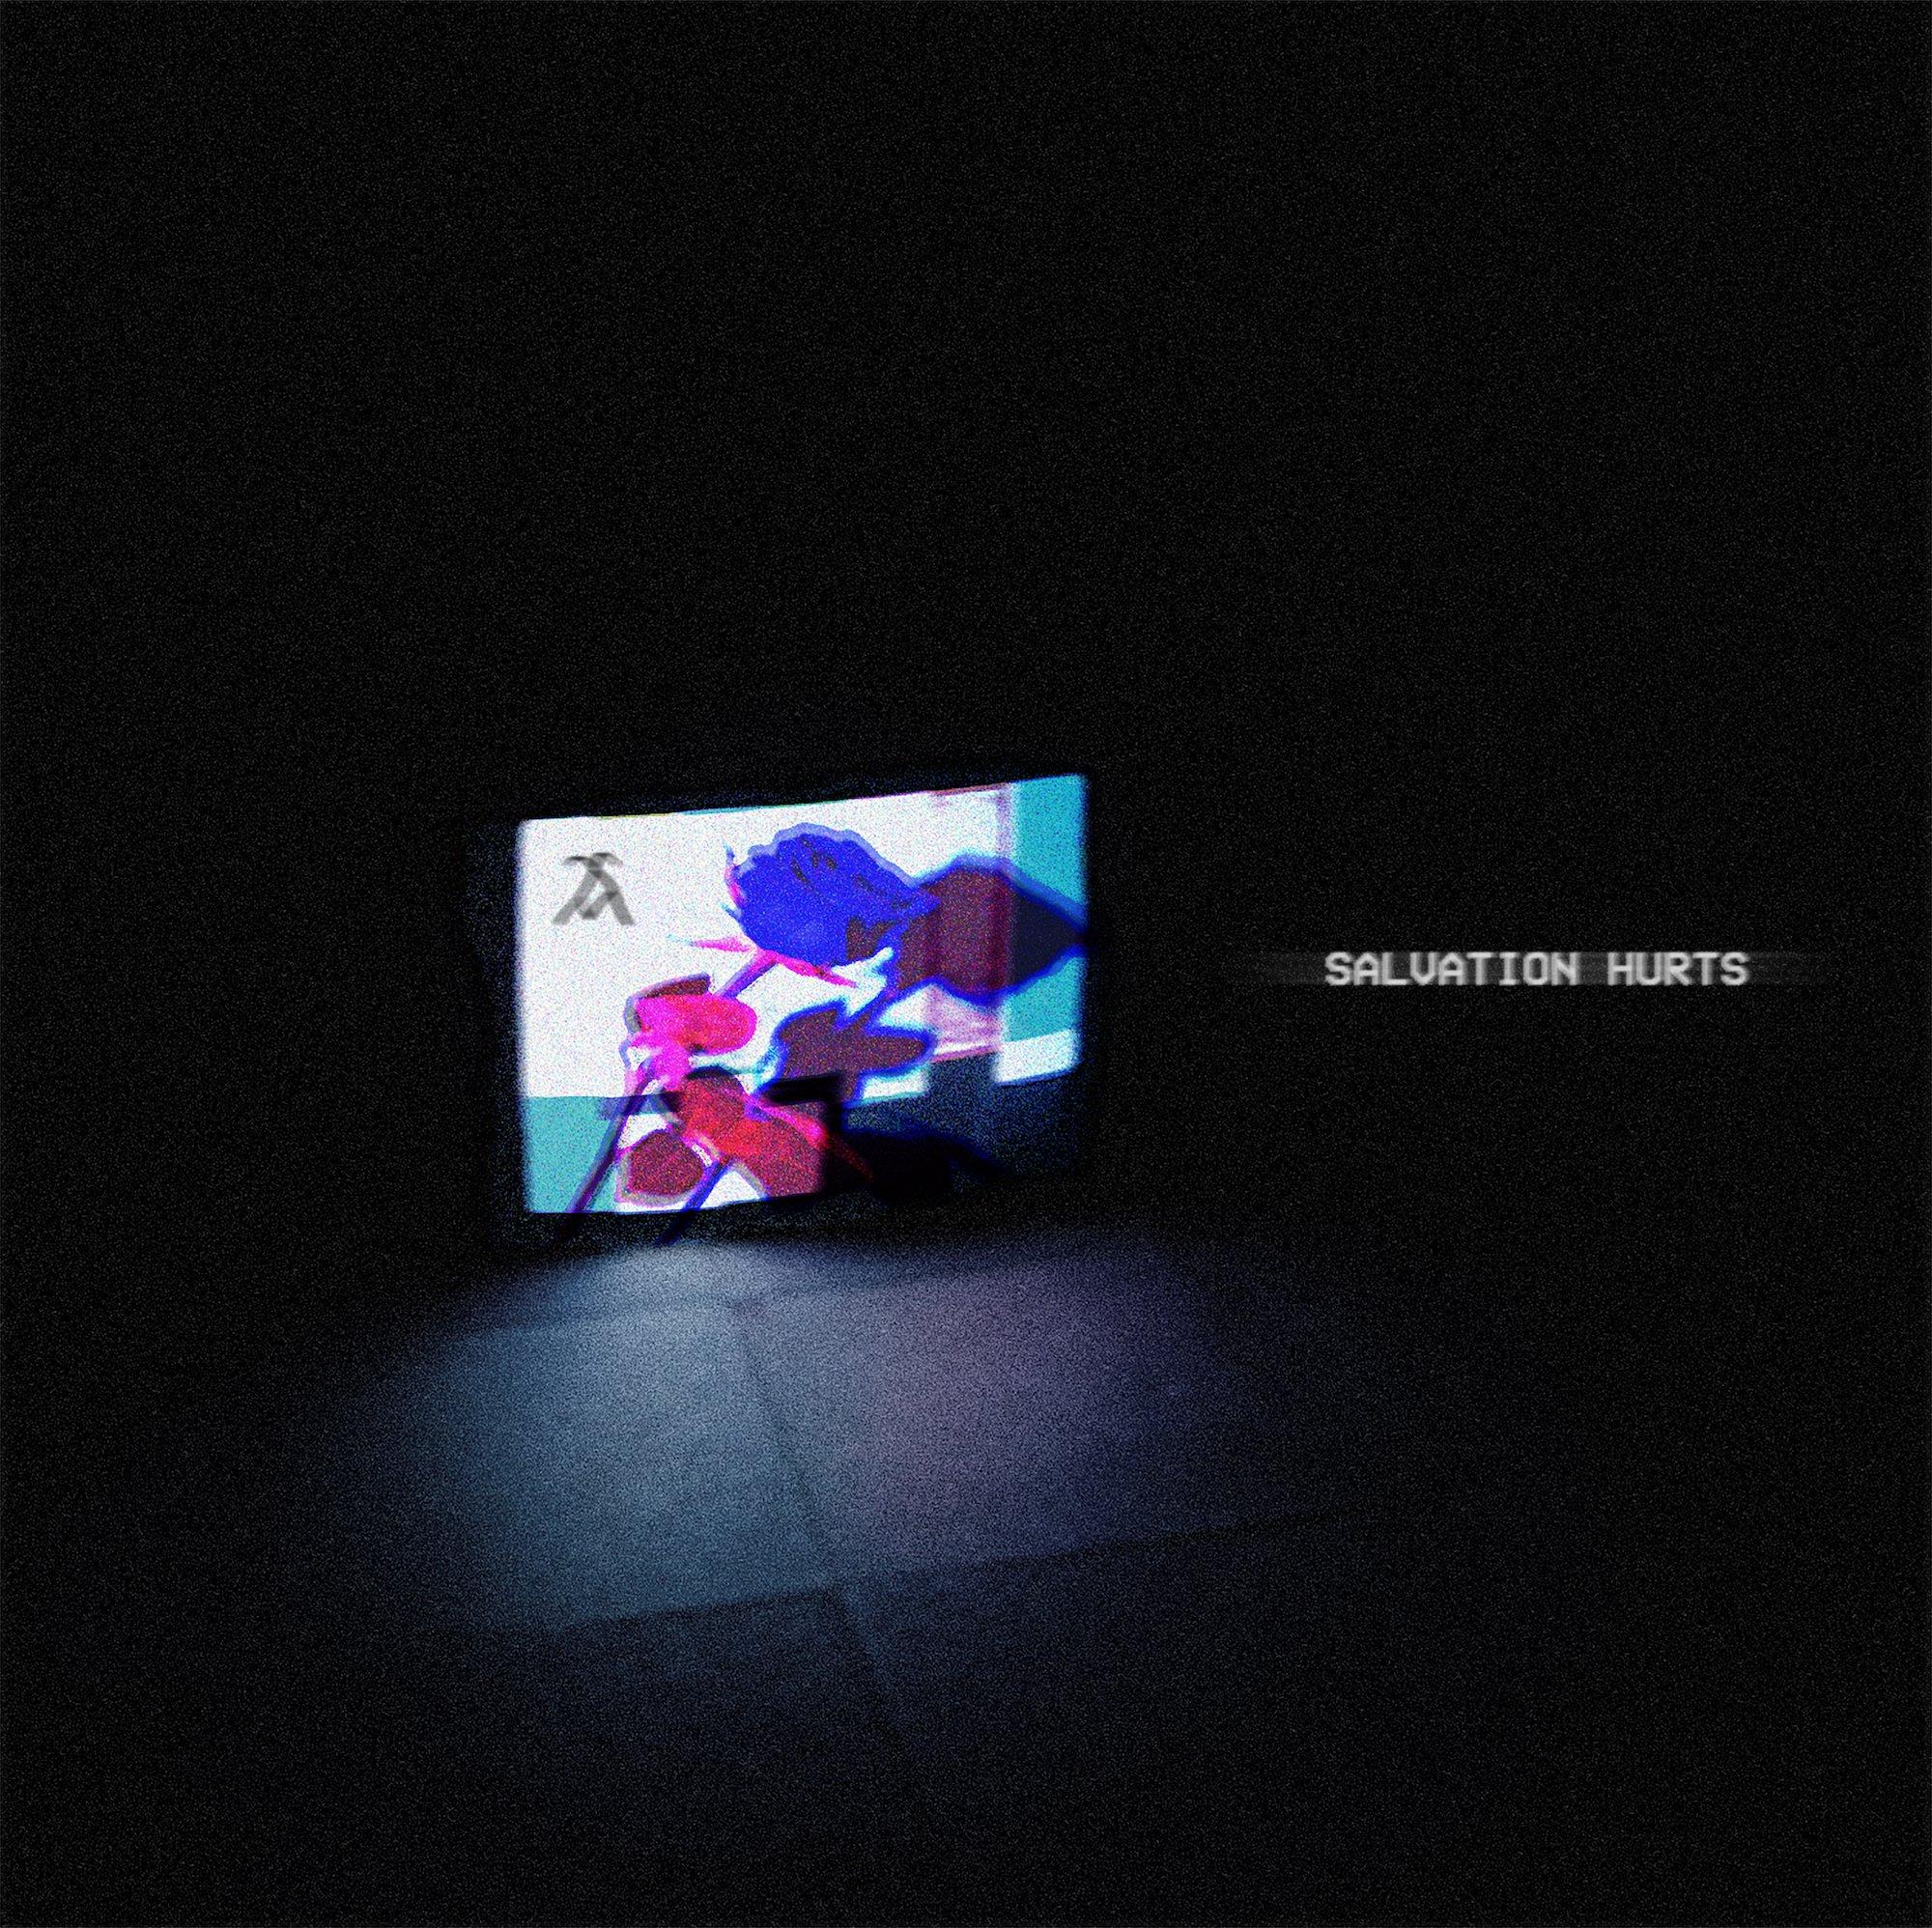 mxms-salvation-hurts